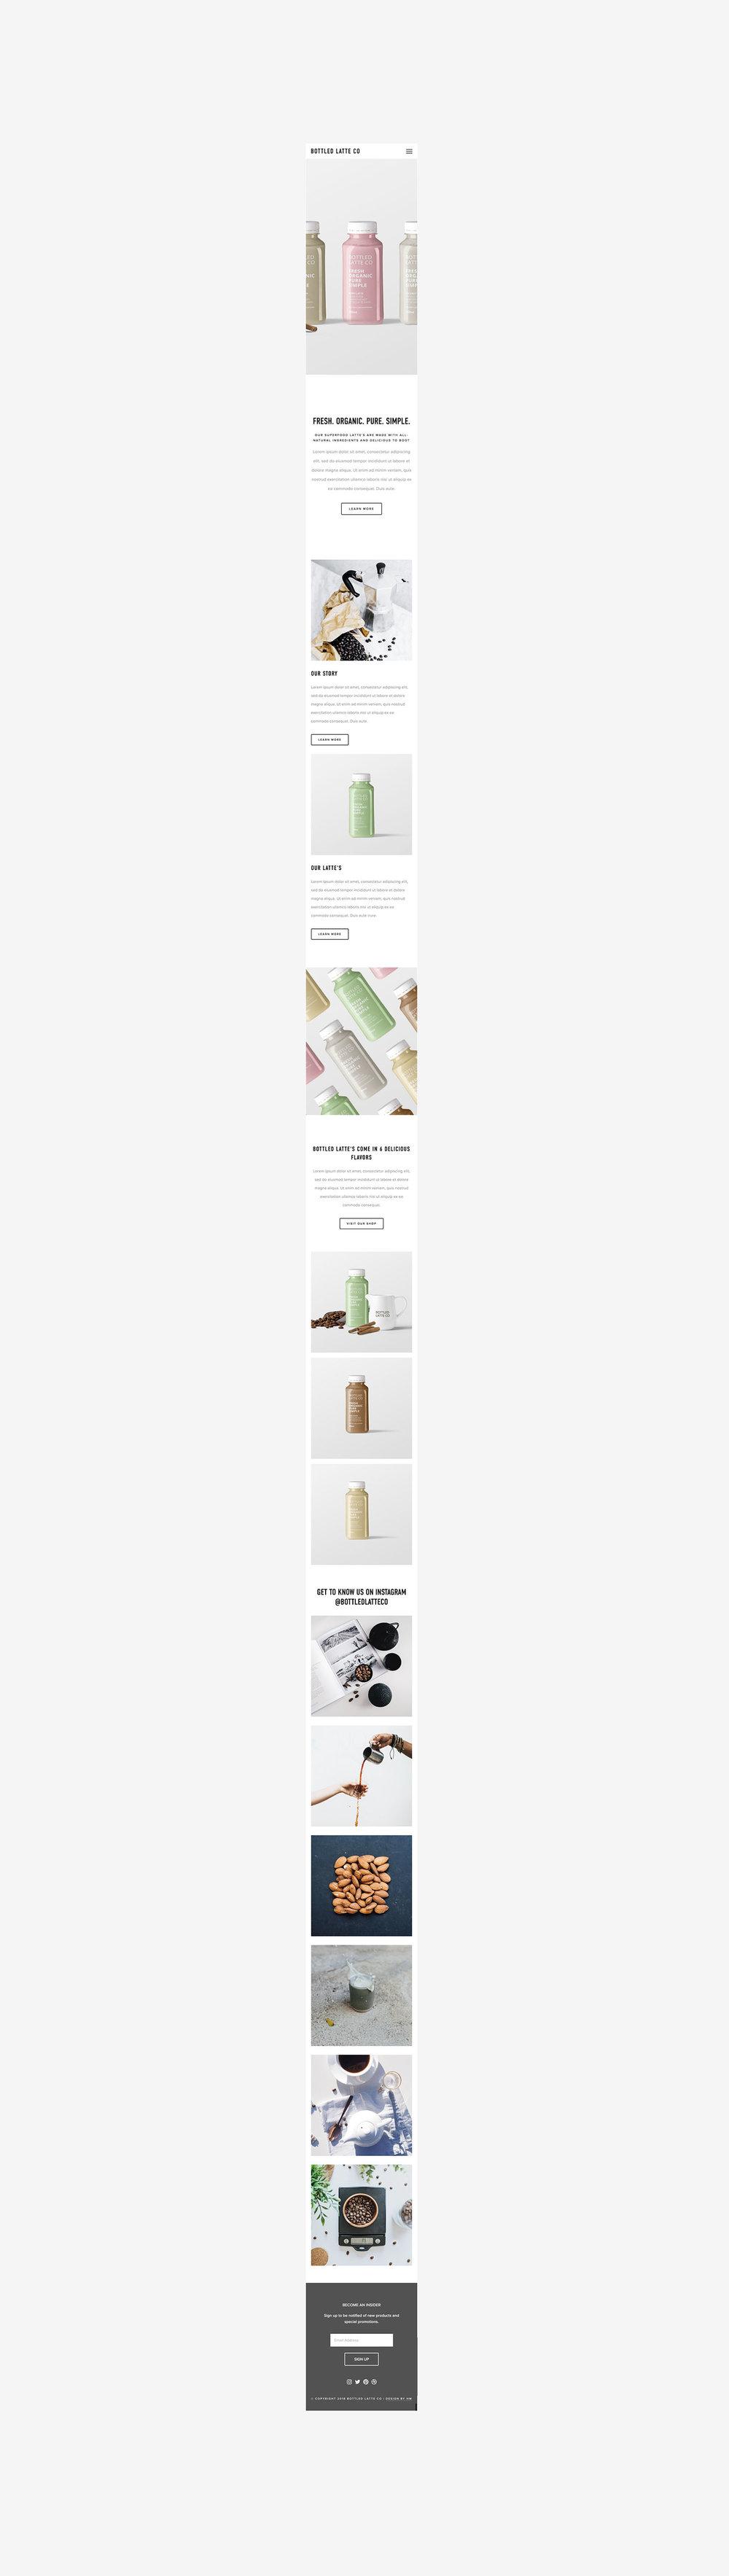 Bottled-Latte-Co-Superfood-Lattes-Portland-Website-Mobile-Responsive-Design-Squarespace-Heather-Maehr